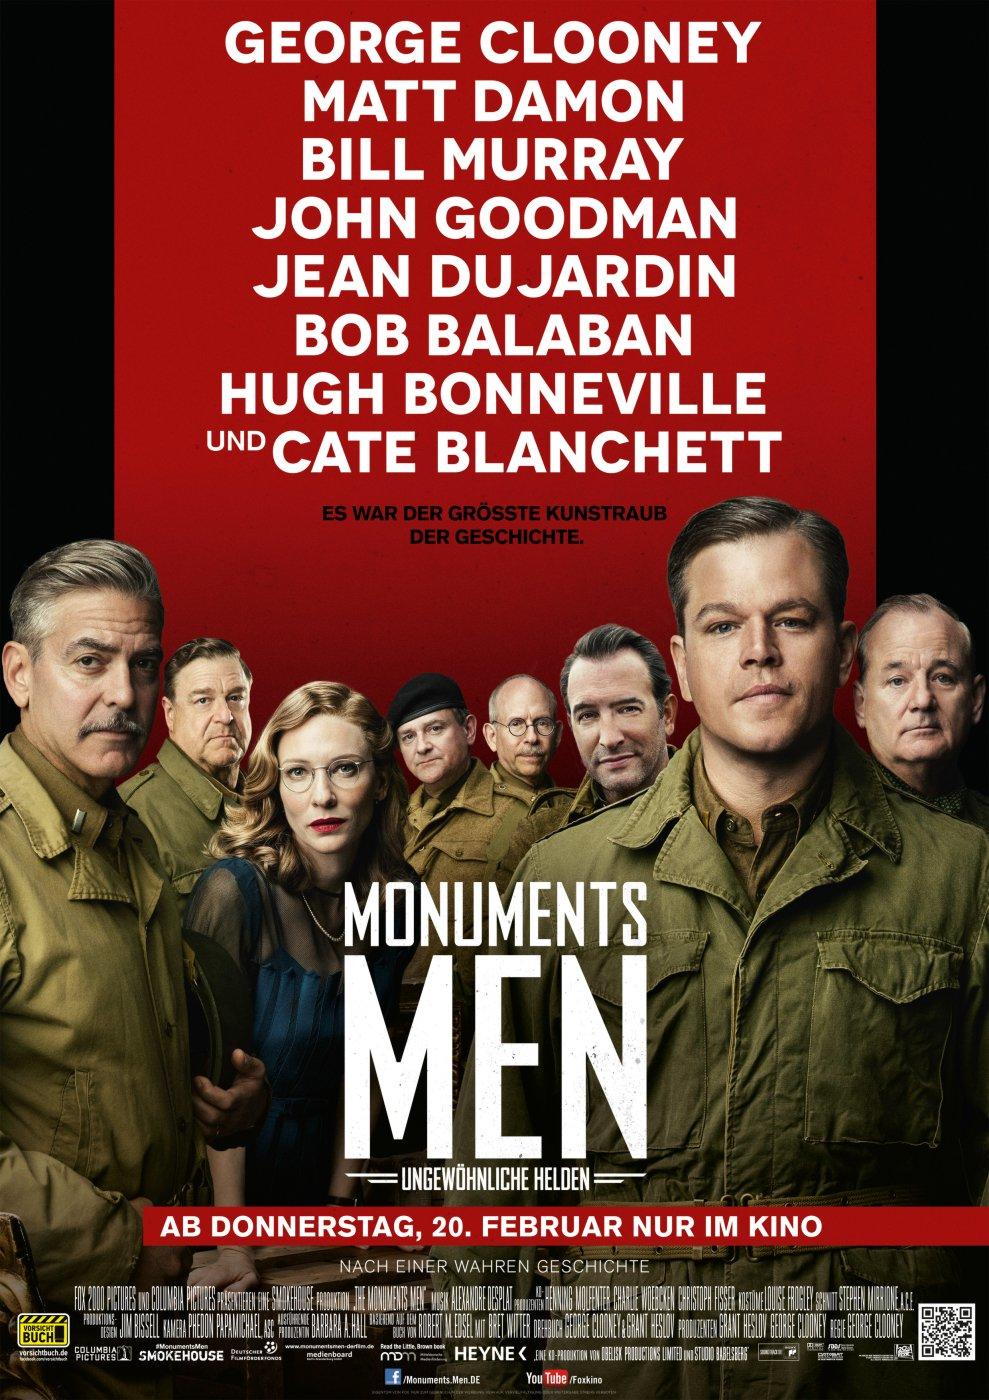 Monuments Men - Ungewöhnliche Helden (Poster)